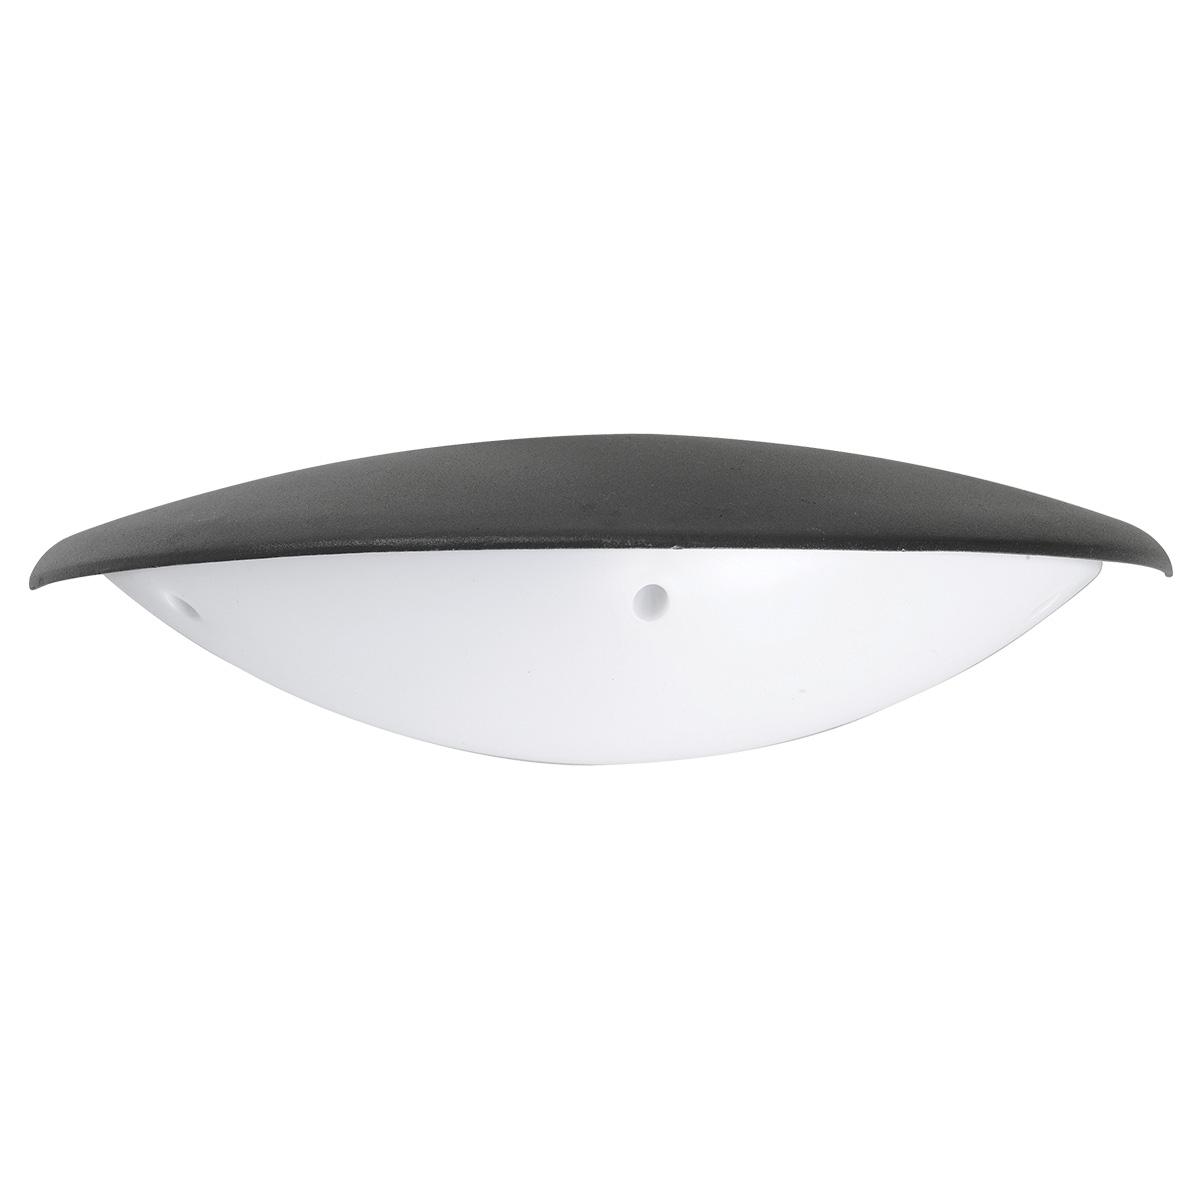 Svet-k LED B2235 4W GREY 5000K (TEKLED) 10sht